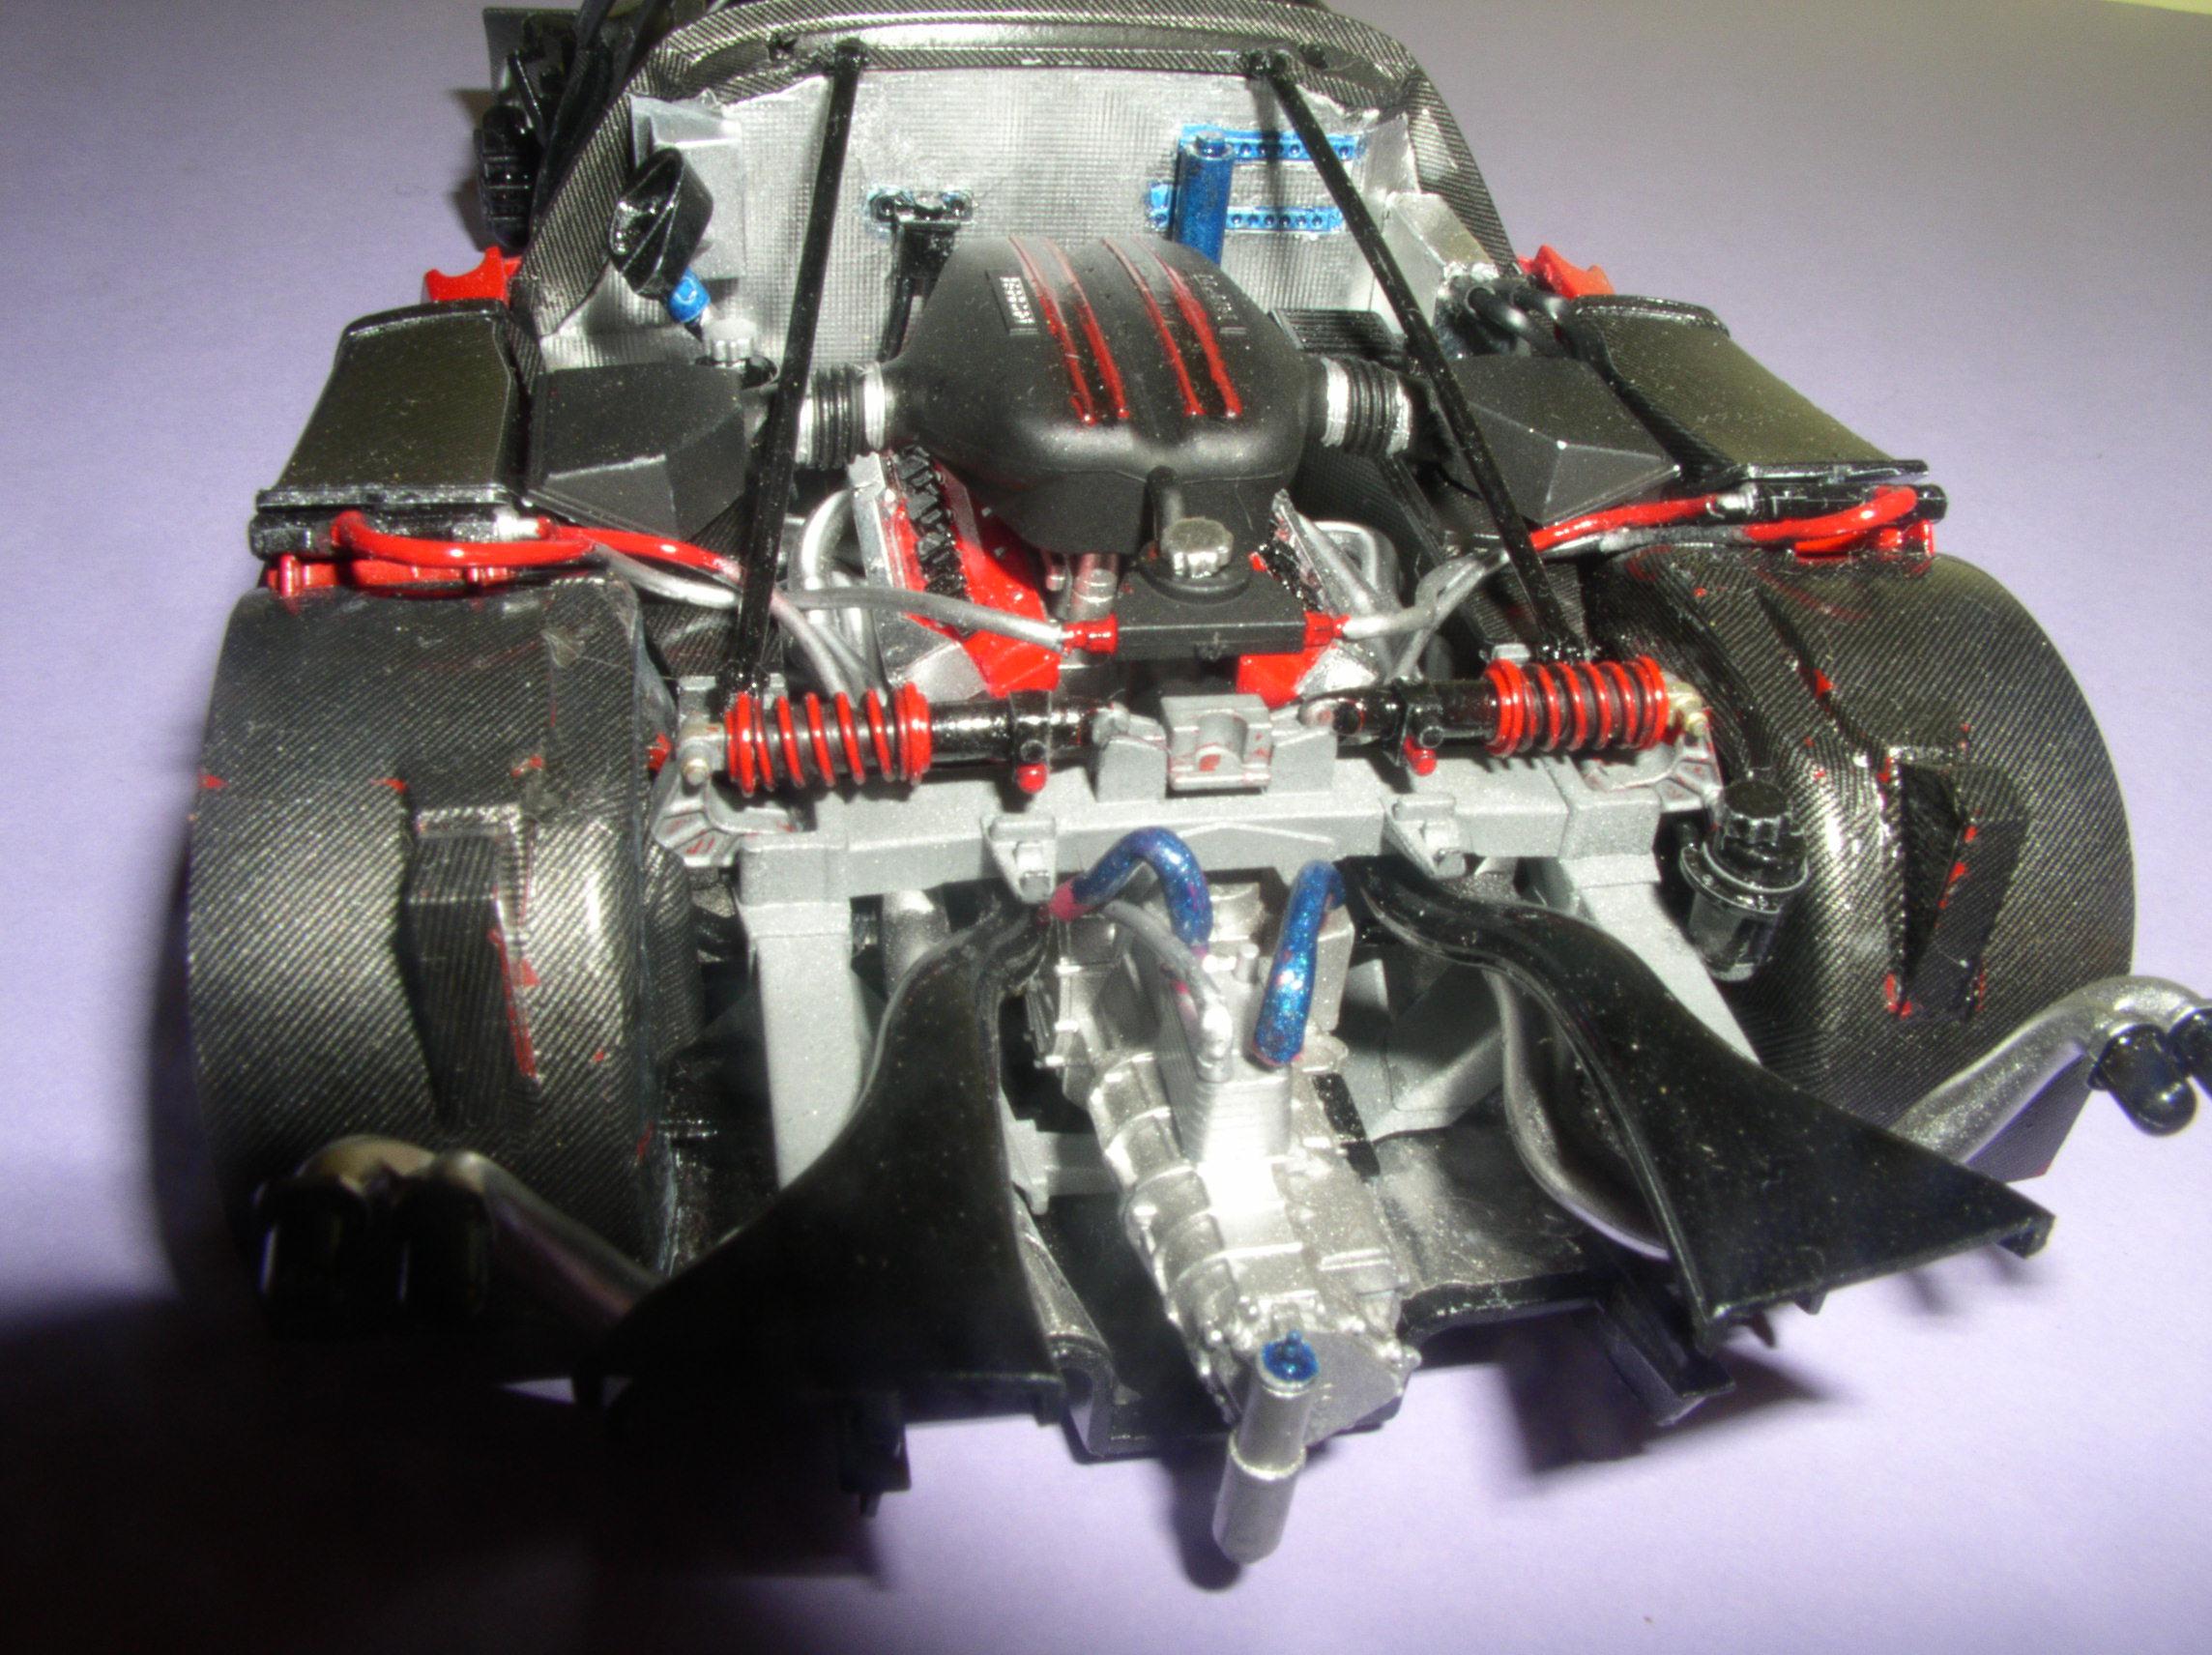 Ferrari FXX ...Tamiya 1/24... Reprise du montage !!!!!! Fxx9